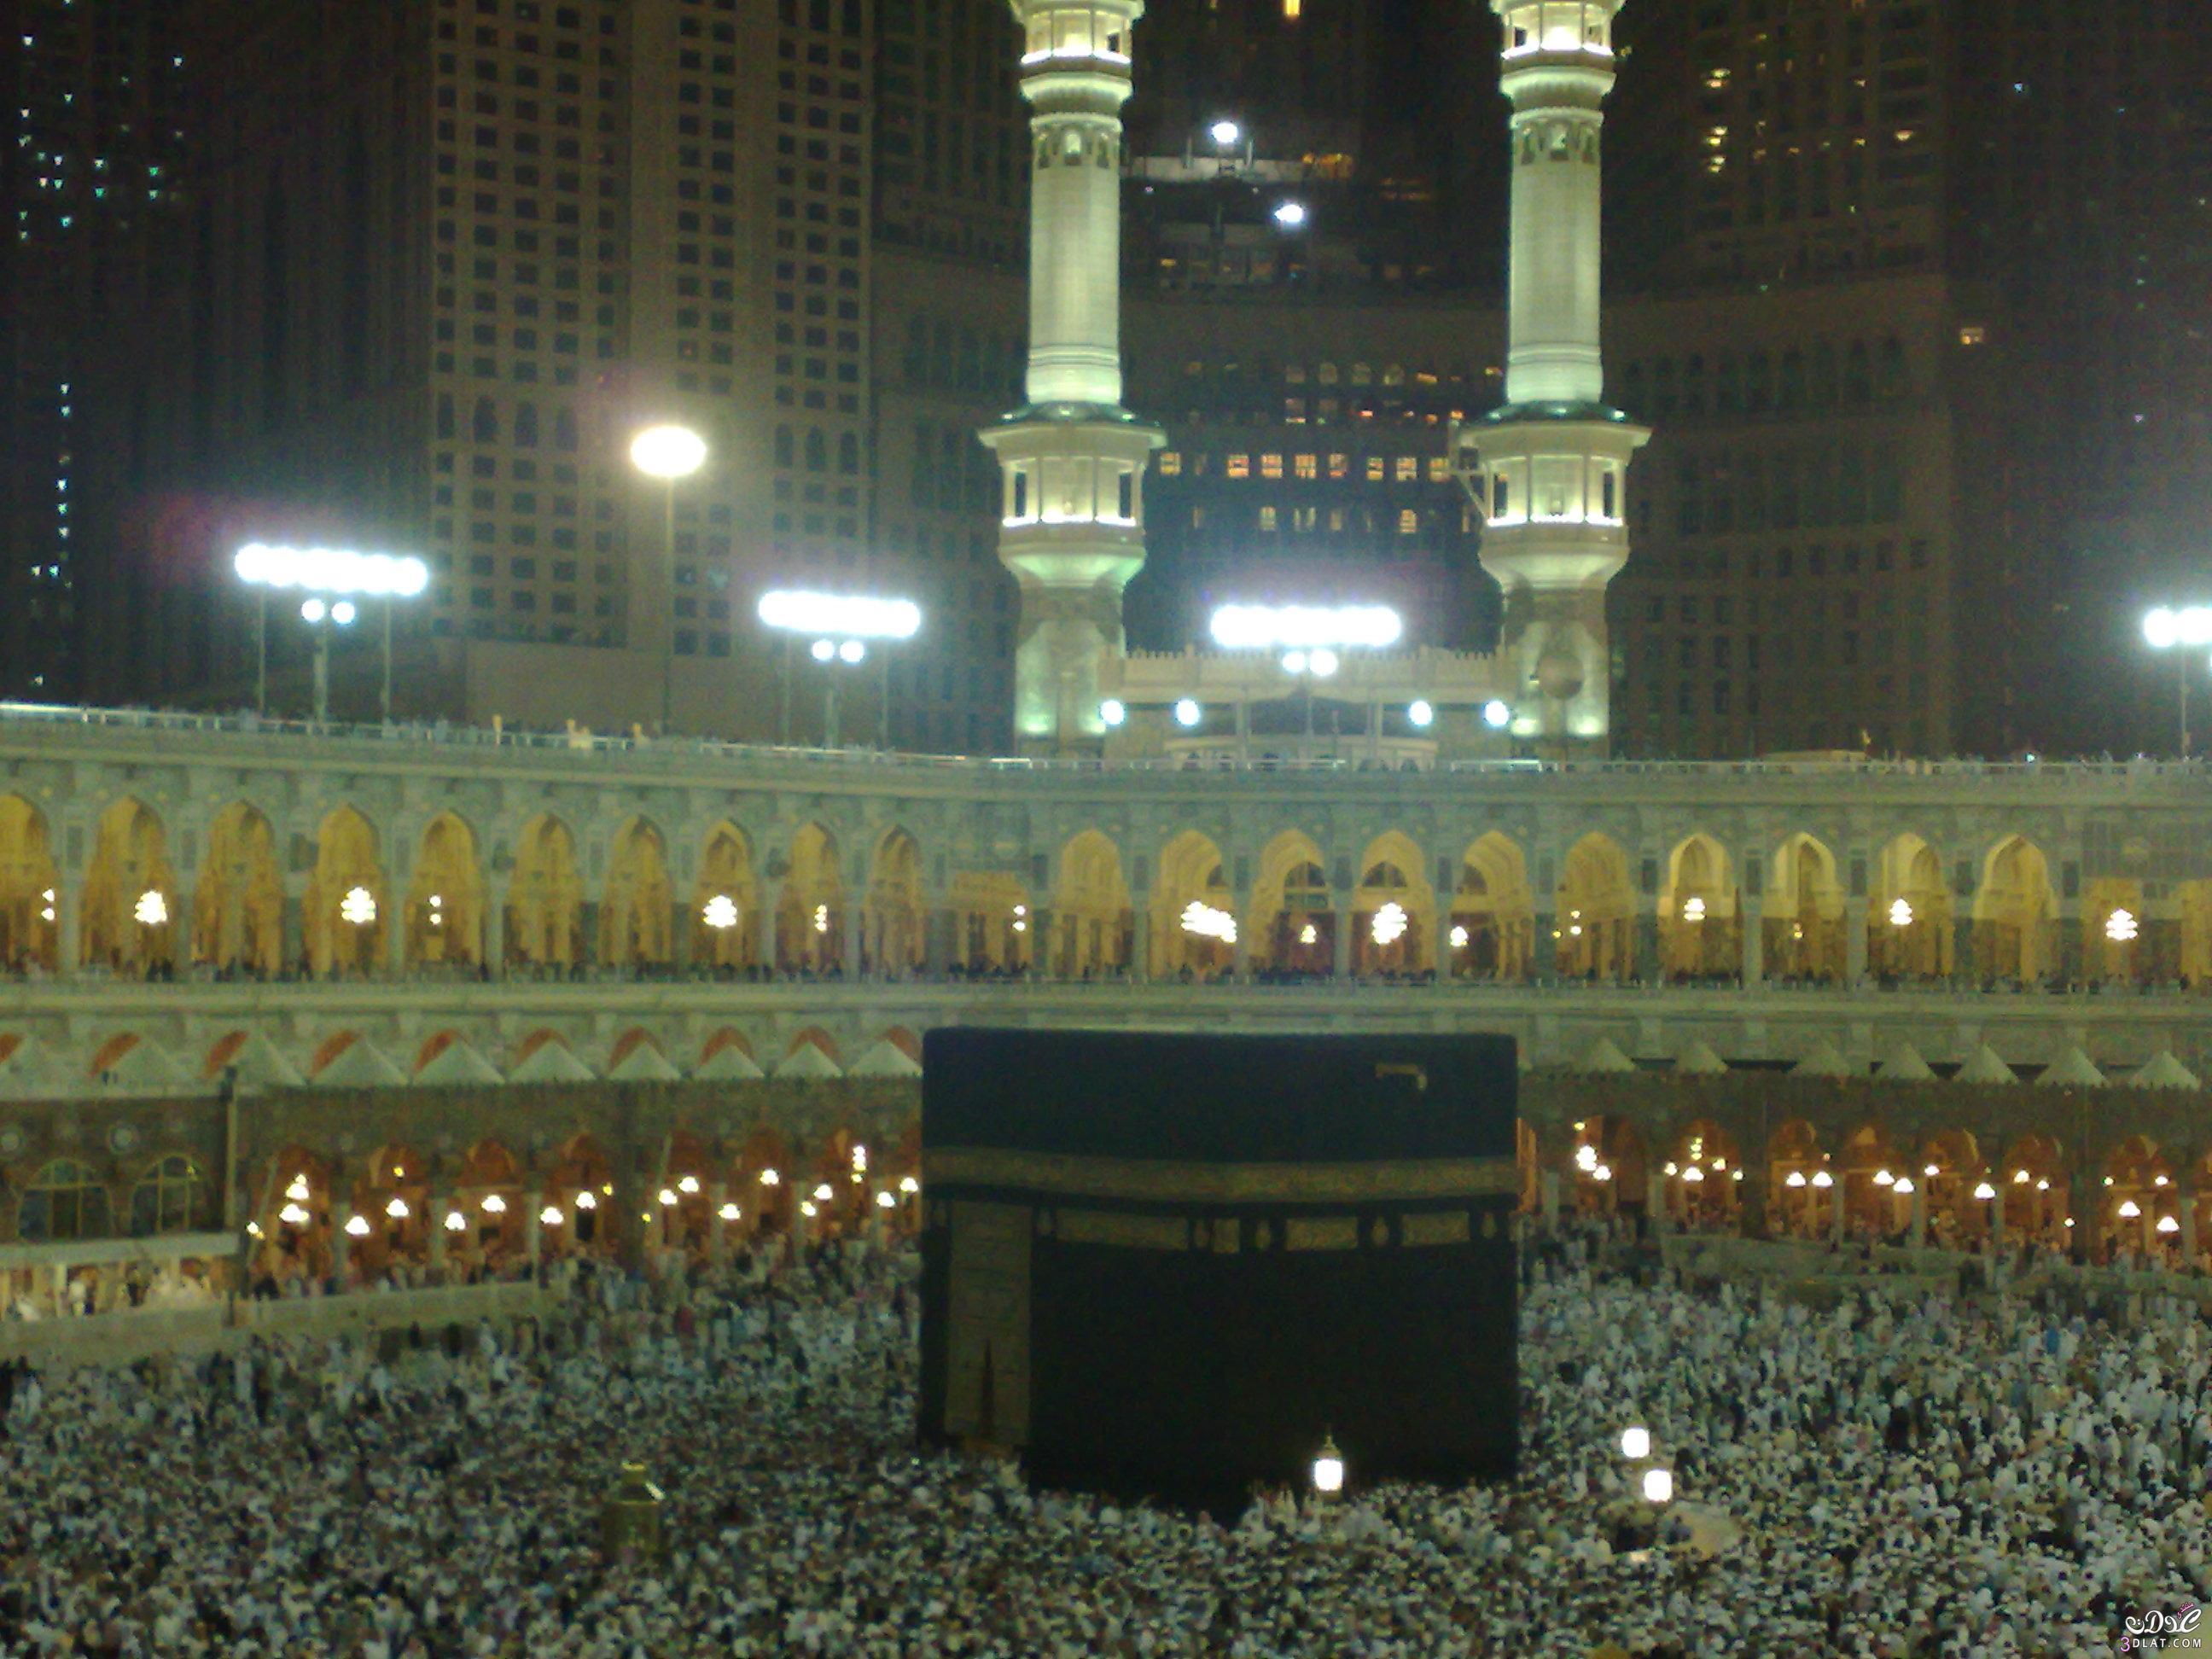 [بعدستي] صورللكعبة المشرفة بمكة المكرمة بالمسجد الحرام 3dlat.com_1390777171